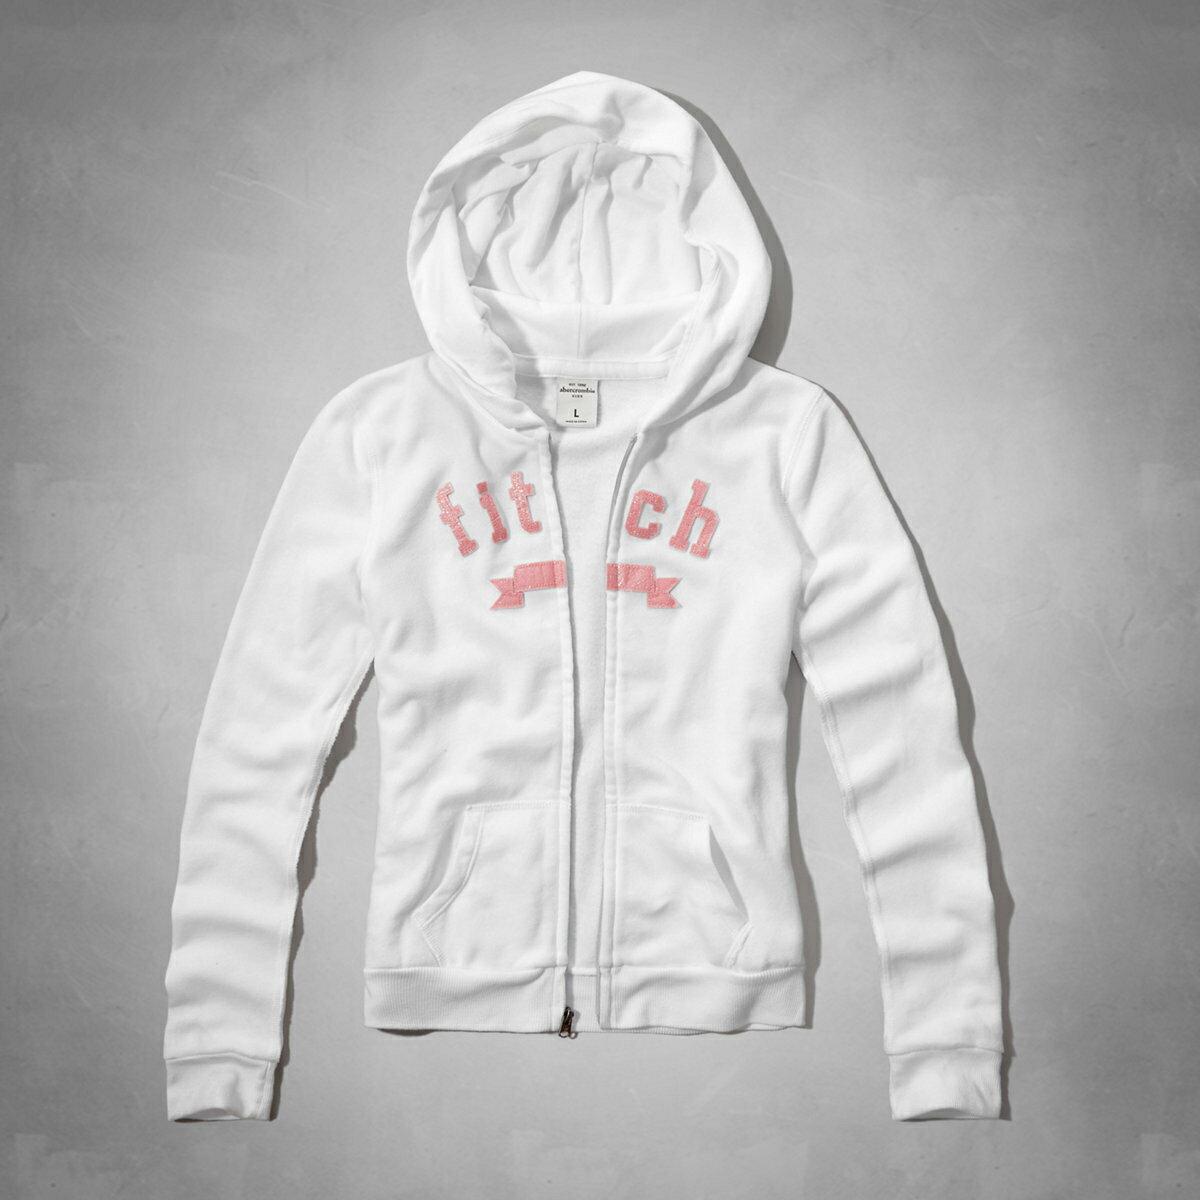 美國百分百【Abercrombie & Fitch】外套 AF 連帽 夾克 帽T 麋鹿 白色 女 S號 E391